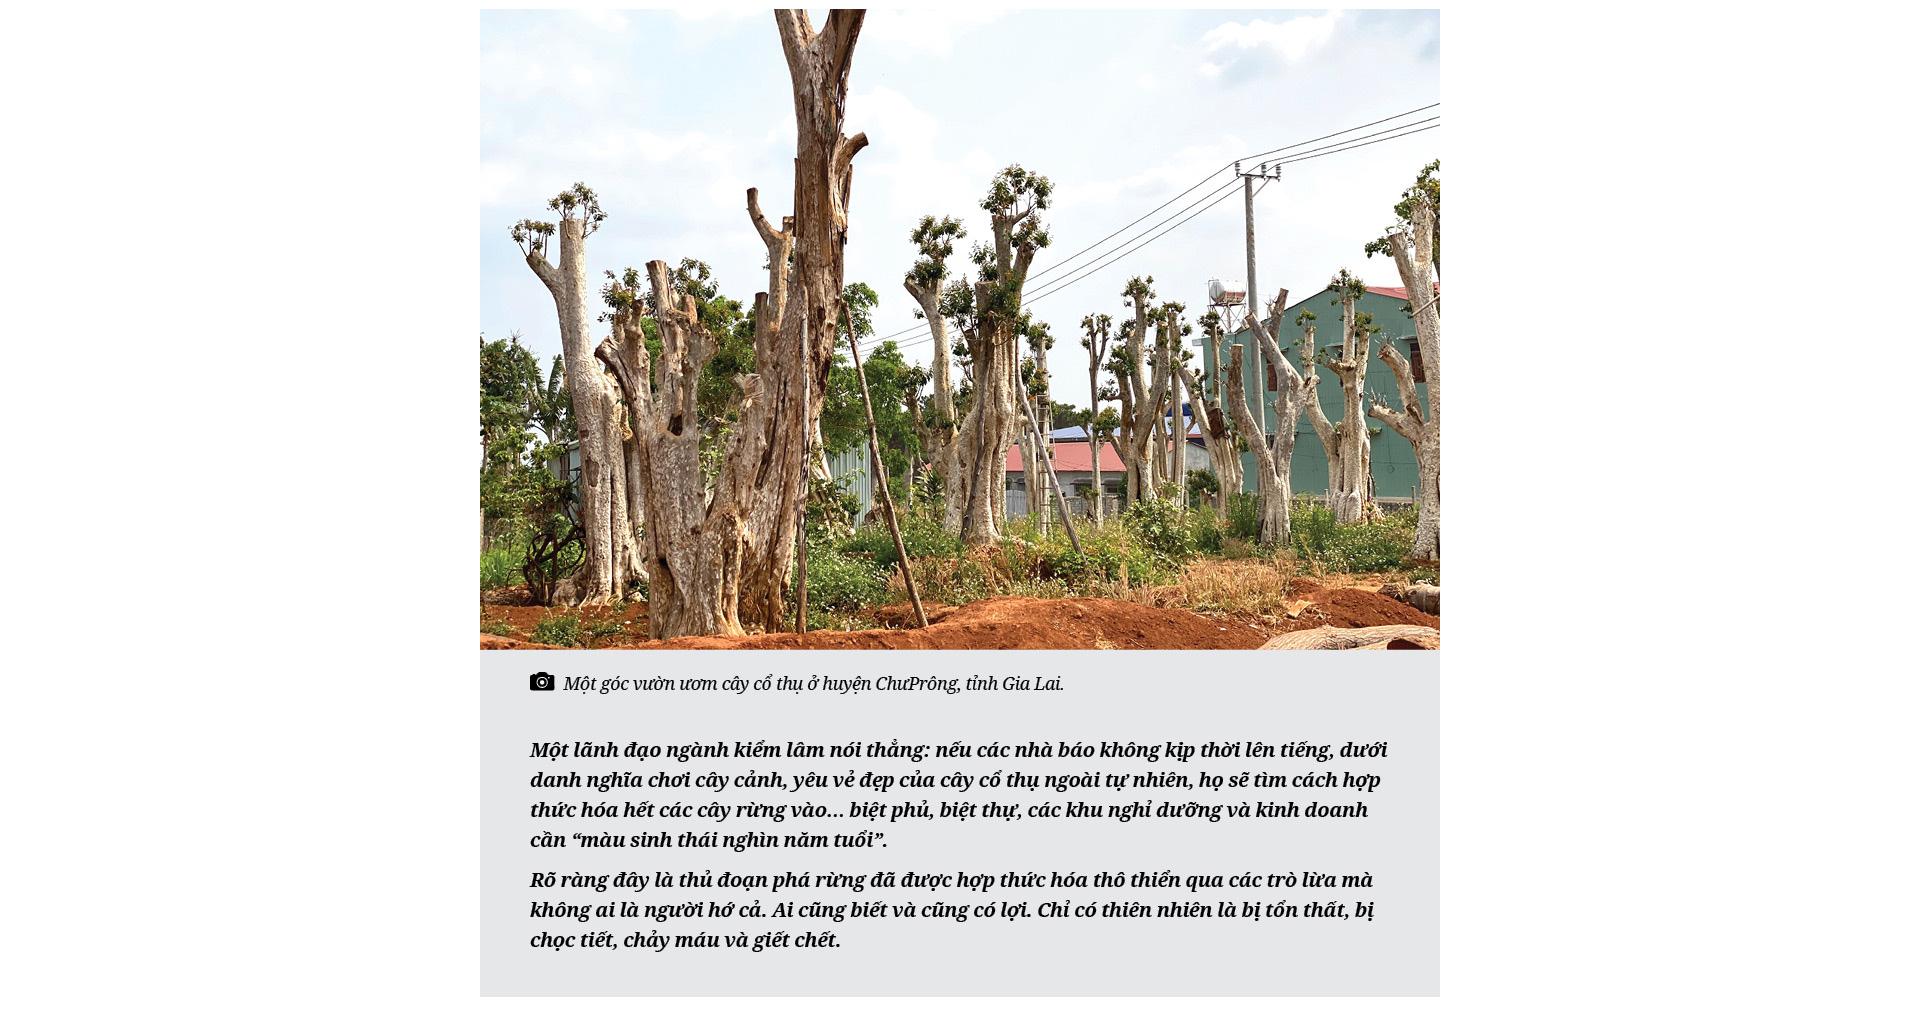 Thủ đoạn hô biến rừng cây cổ thụ (Bài 4): Thú chơi cây cổ thụ đang tàn phá rừng như thế nào? - Ảnh 6.